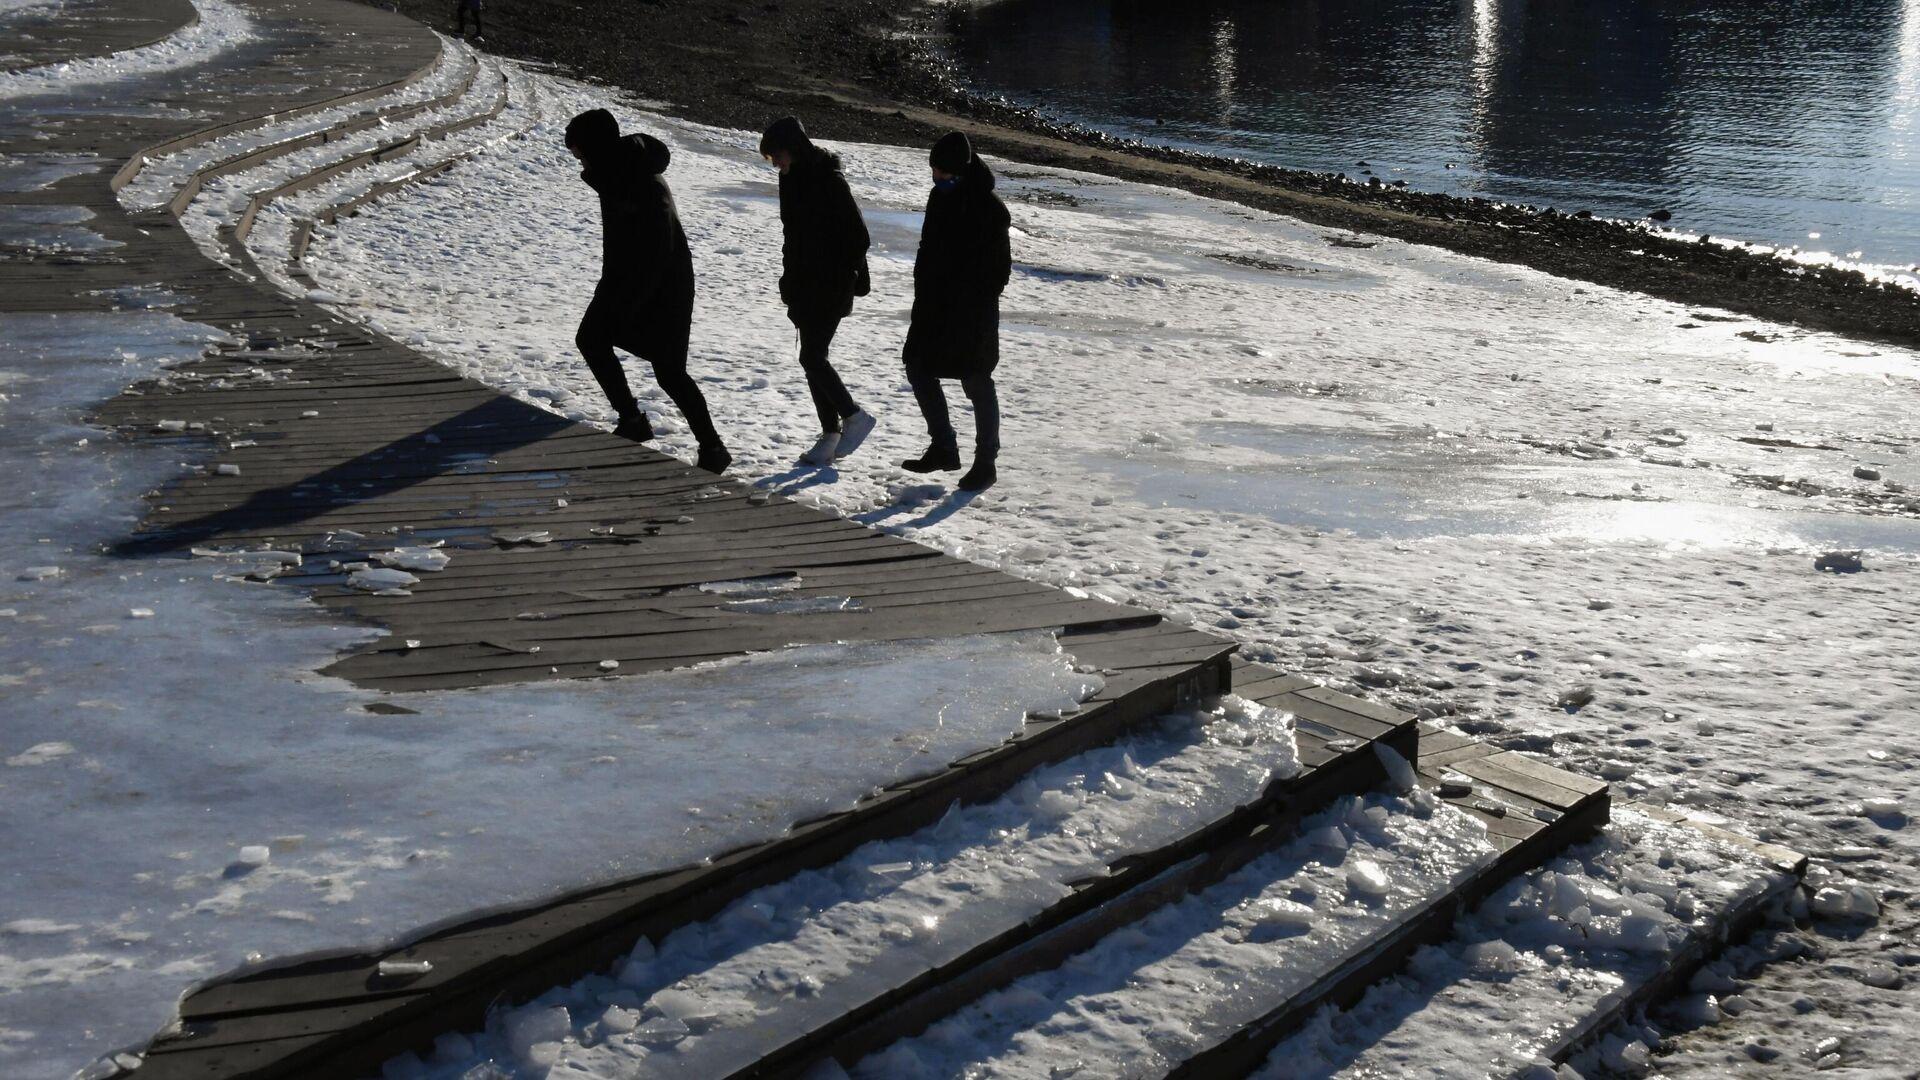 Молодые люди на набережной Спортивной гавани во Владивостоке - РИА Новости, 1920, 28.02.2021